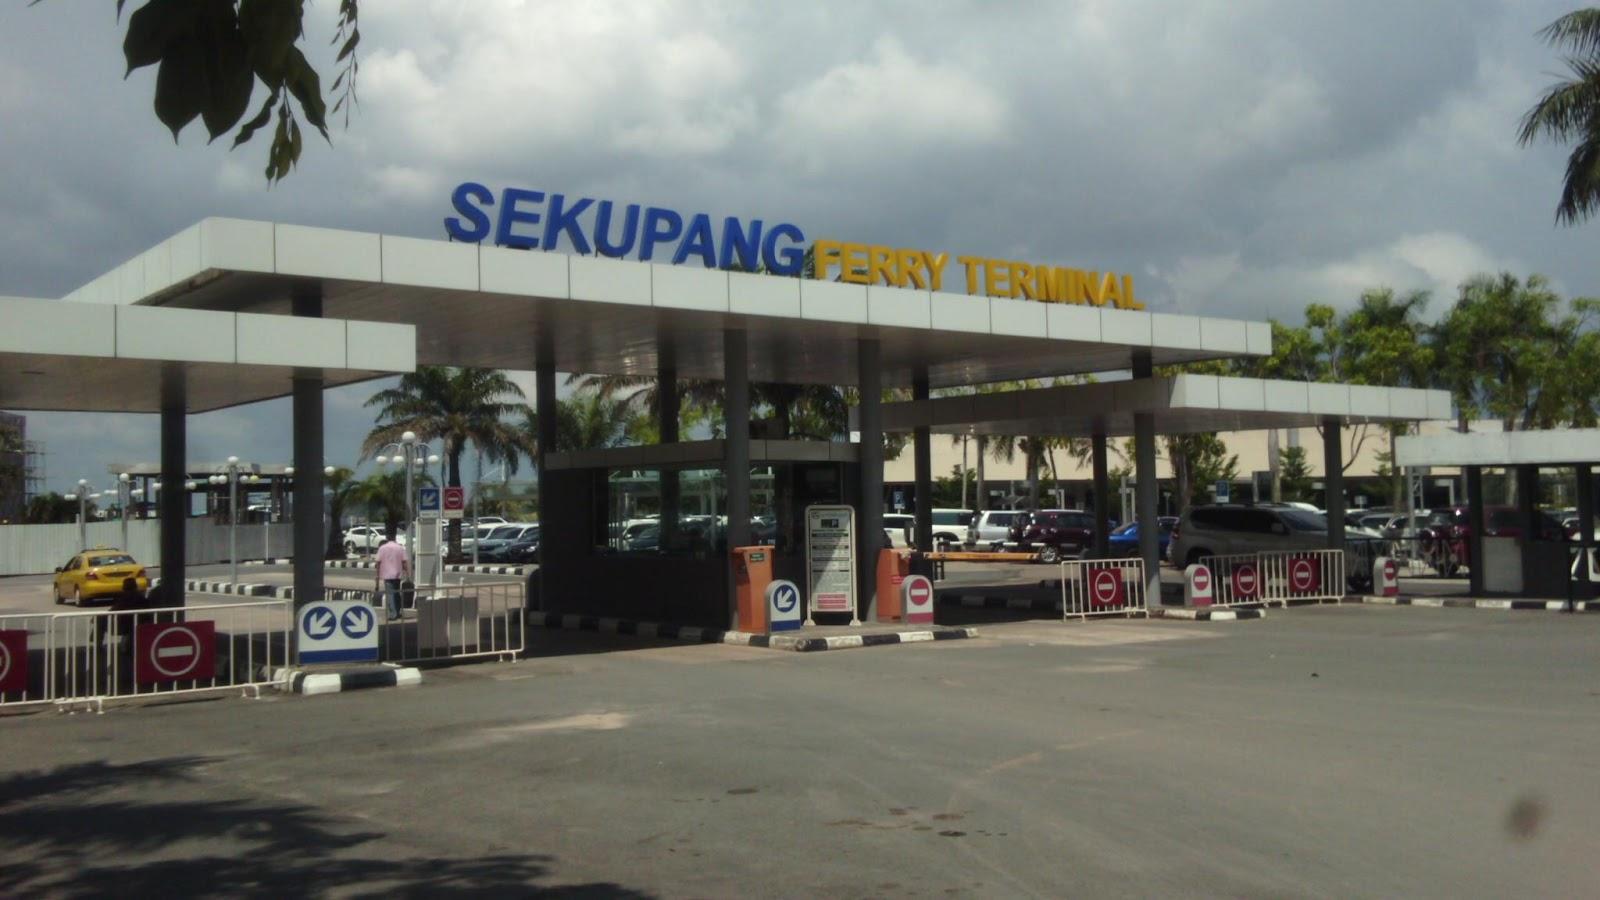 Terminal Ferry Sekupang Batam